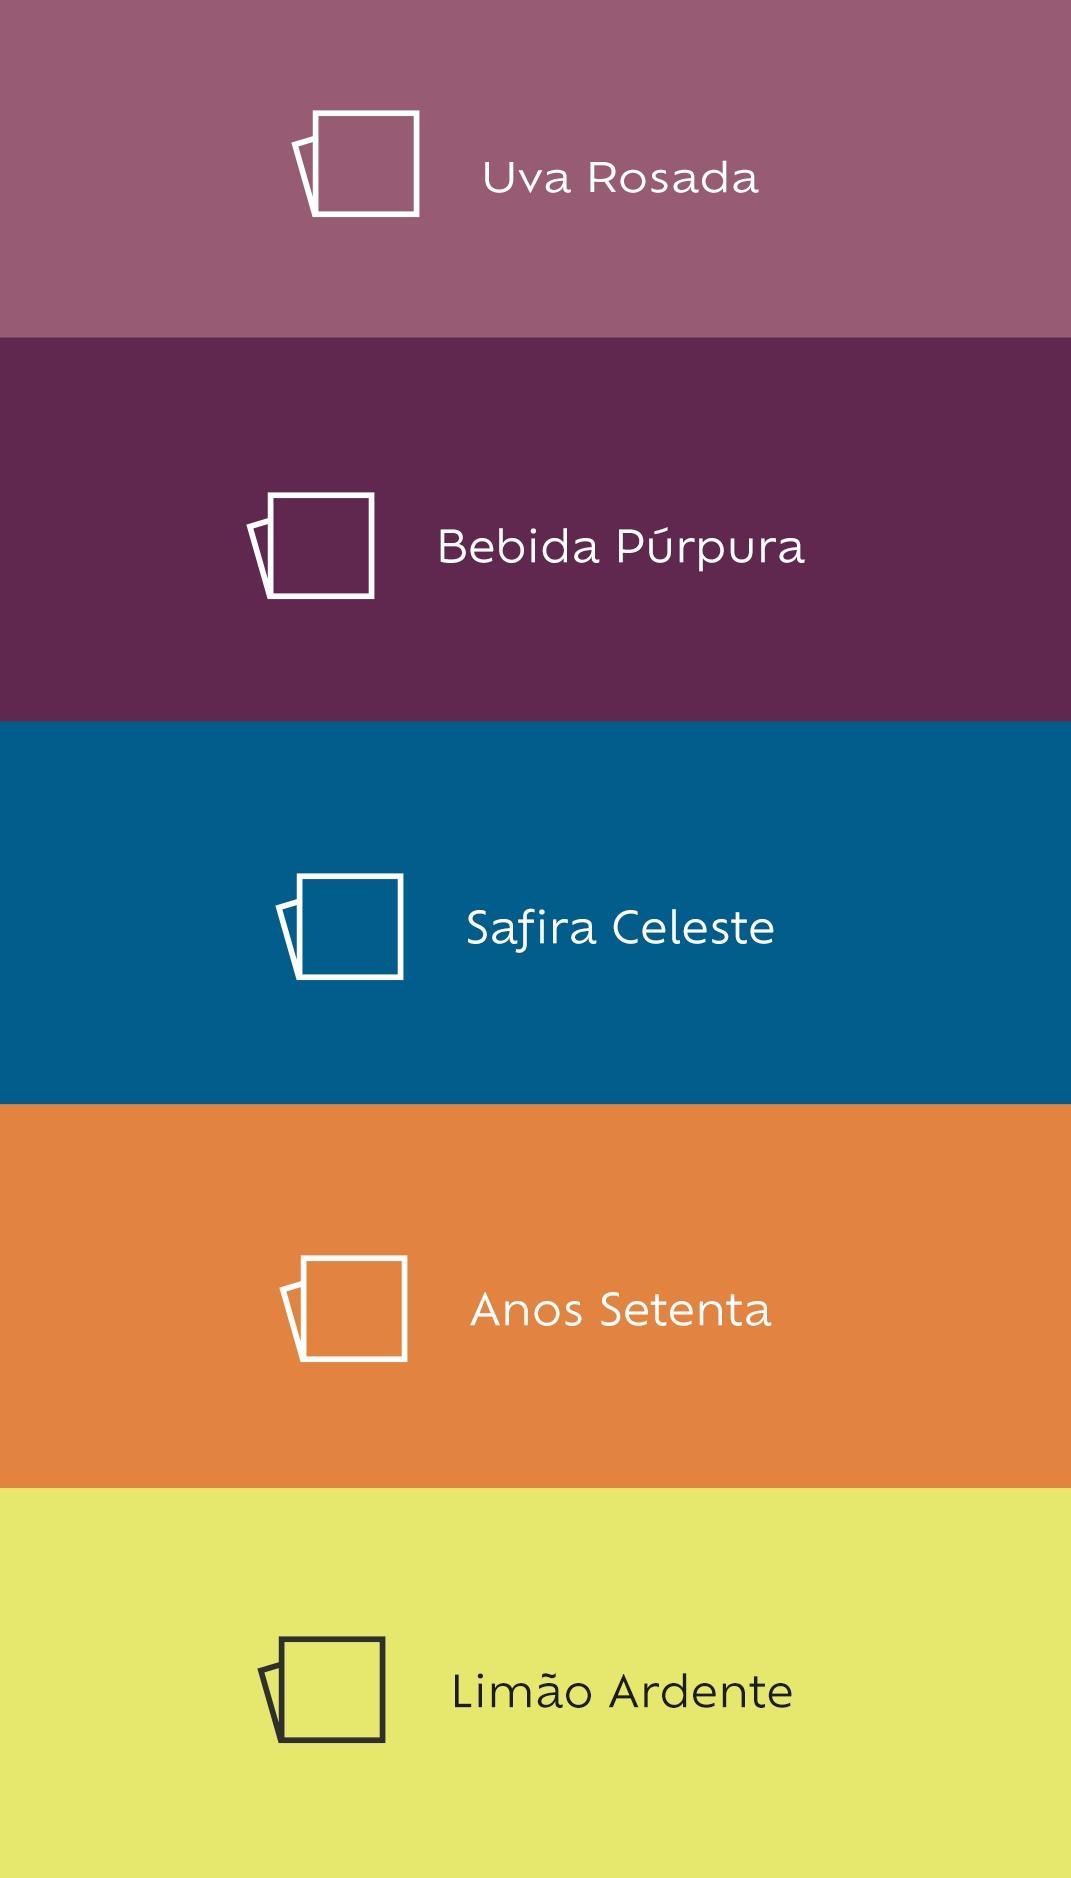 Foto com paleta de cores Suvinil:Uva rosada, Bebida Púrpura, Safira Celestial, Anos Setenta, Limão Ardente.